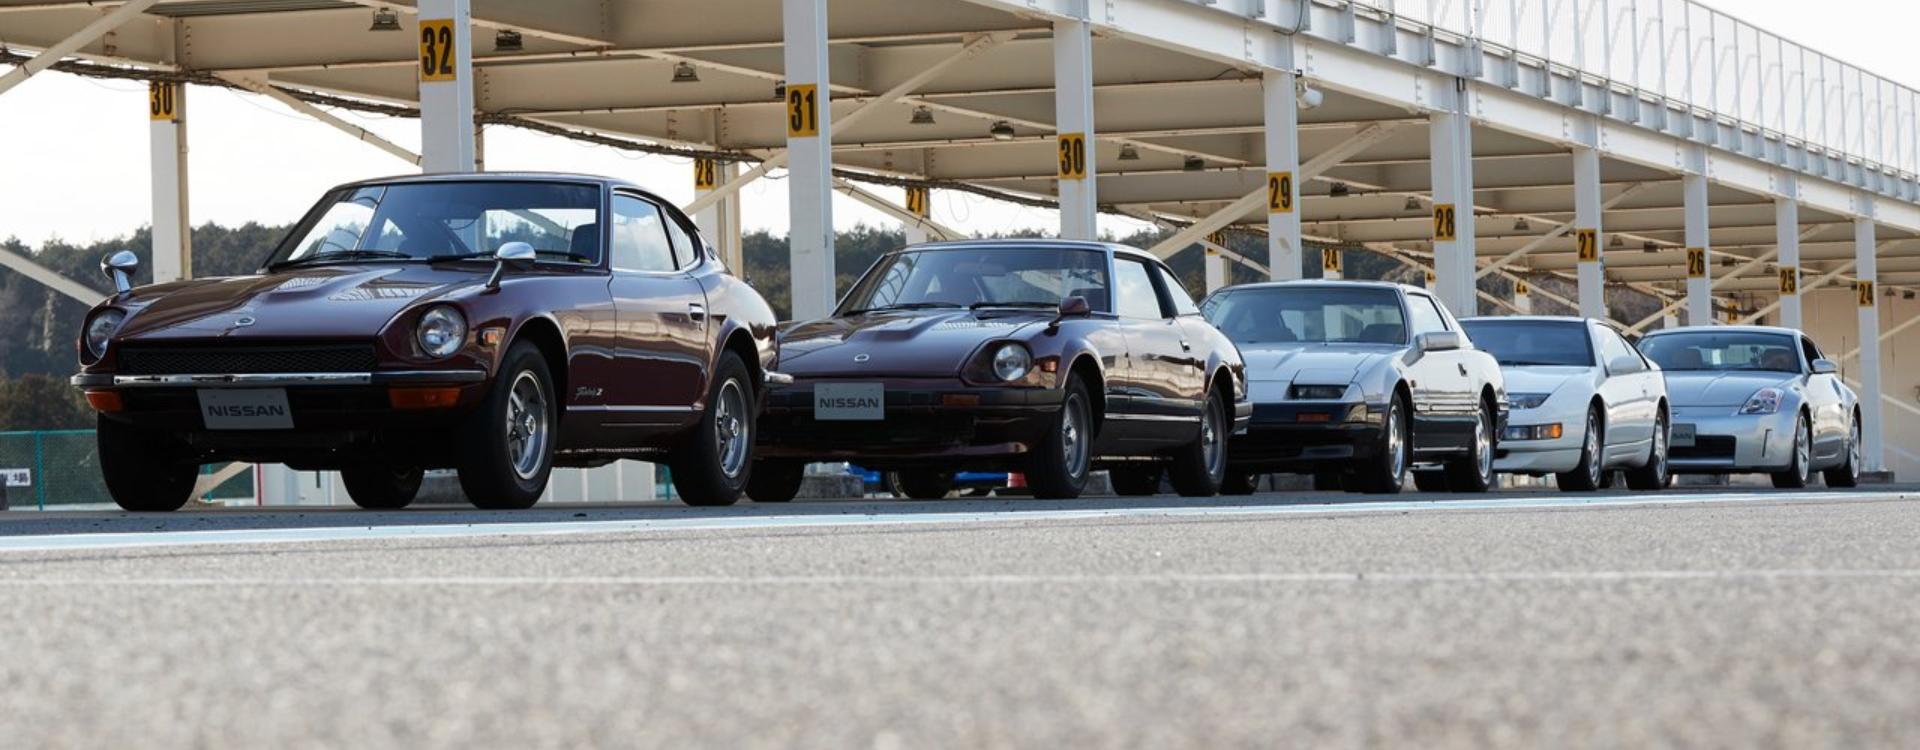 Crece la media de edad de los automóviles